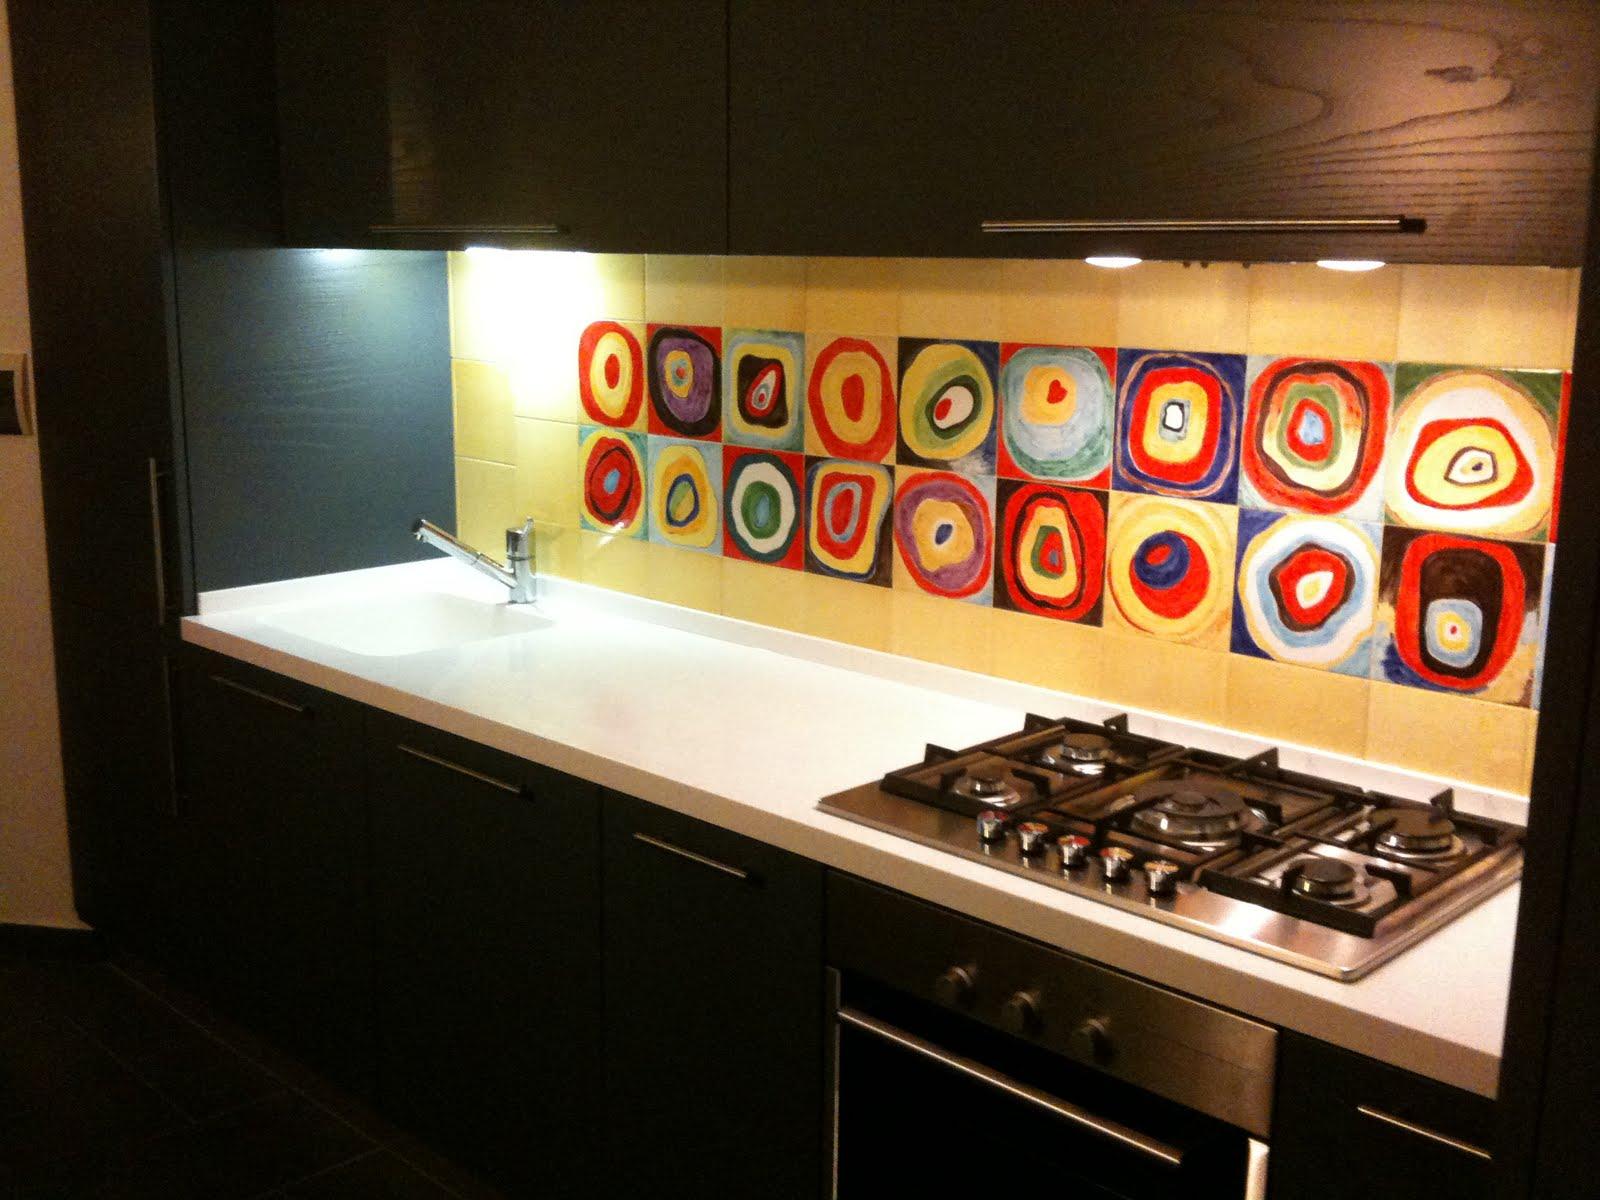 Copri piastrelle cucina perfect pannelli per cucina prezzi images stunning pannelli per with - Coprire piastrelle cucina ...